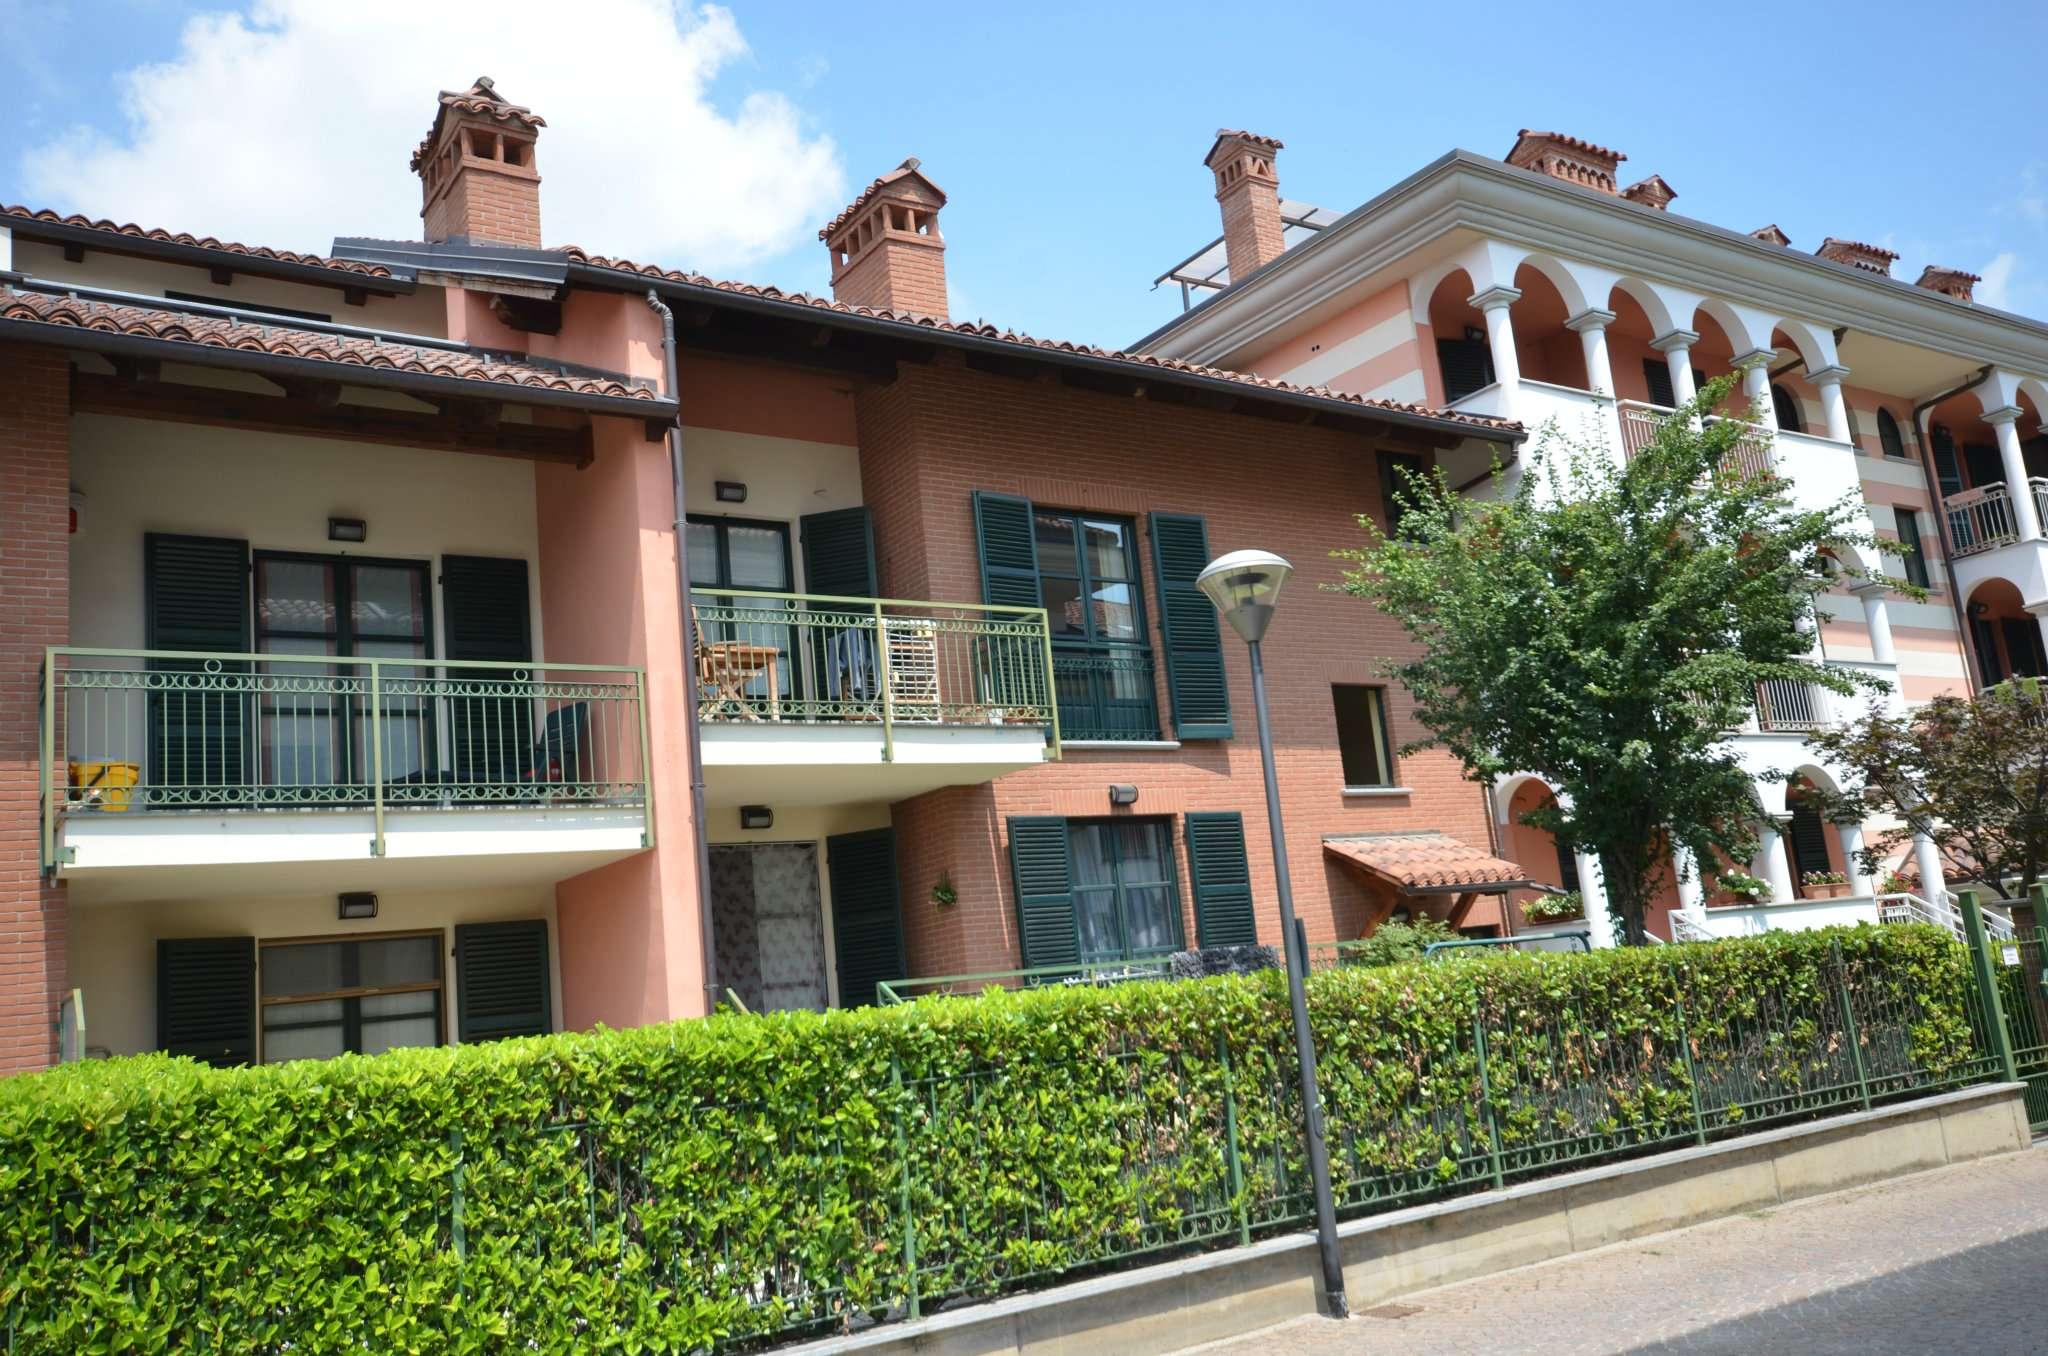 Appartamento in vendita a Centallo, 4 locali, prezzo € 170.000 | CambioCasa.it